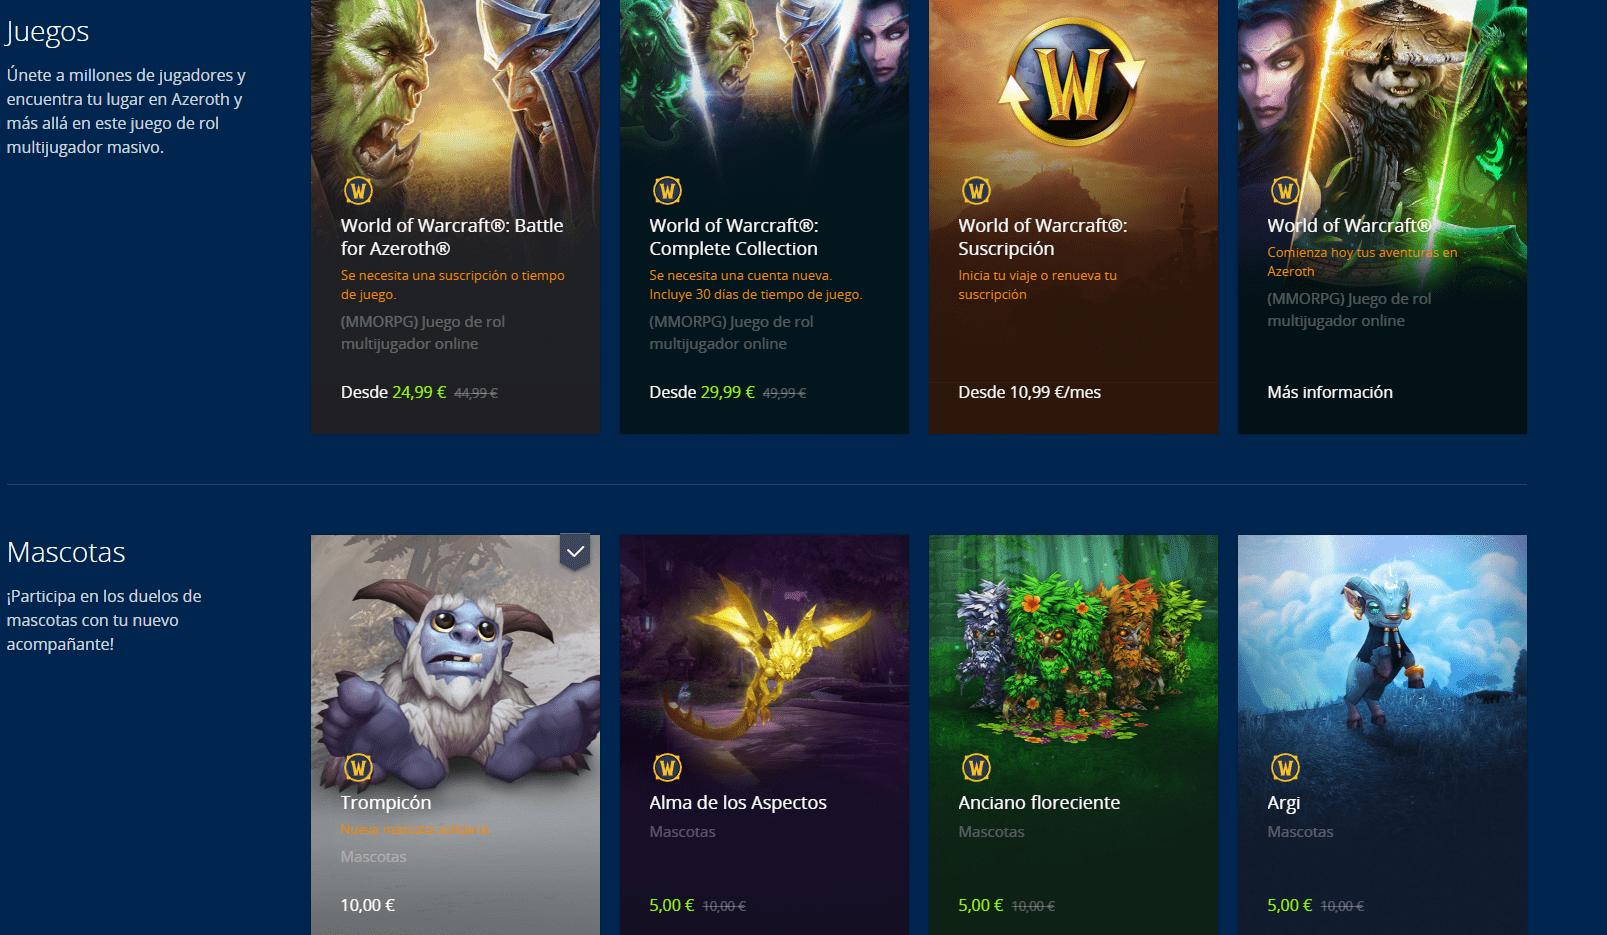 Ofertas navideñas en la Tienda digital de Blizzard y nuevo Pack Navideño